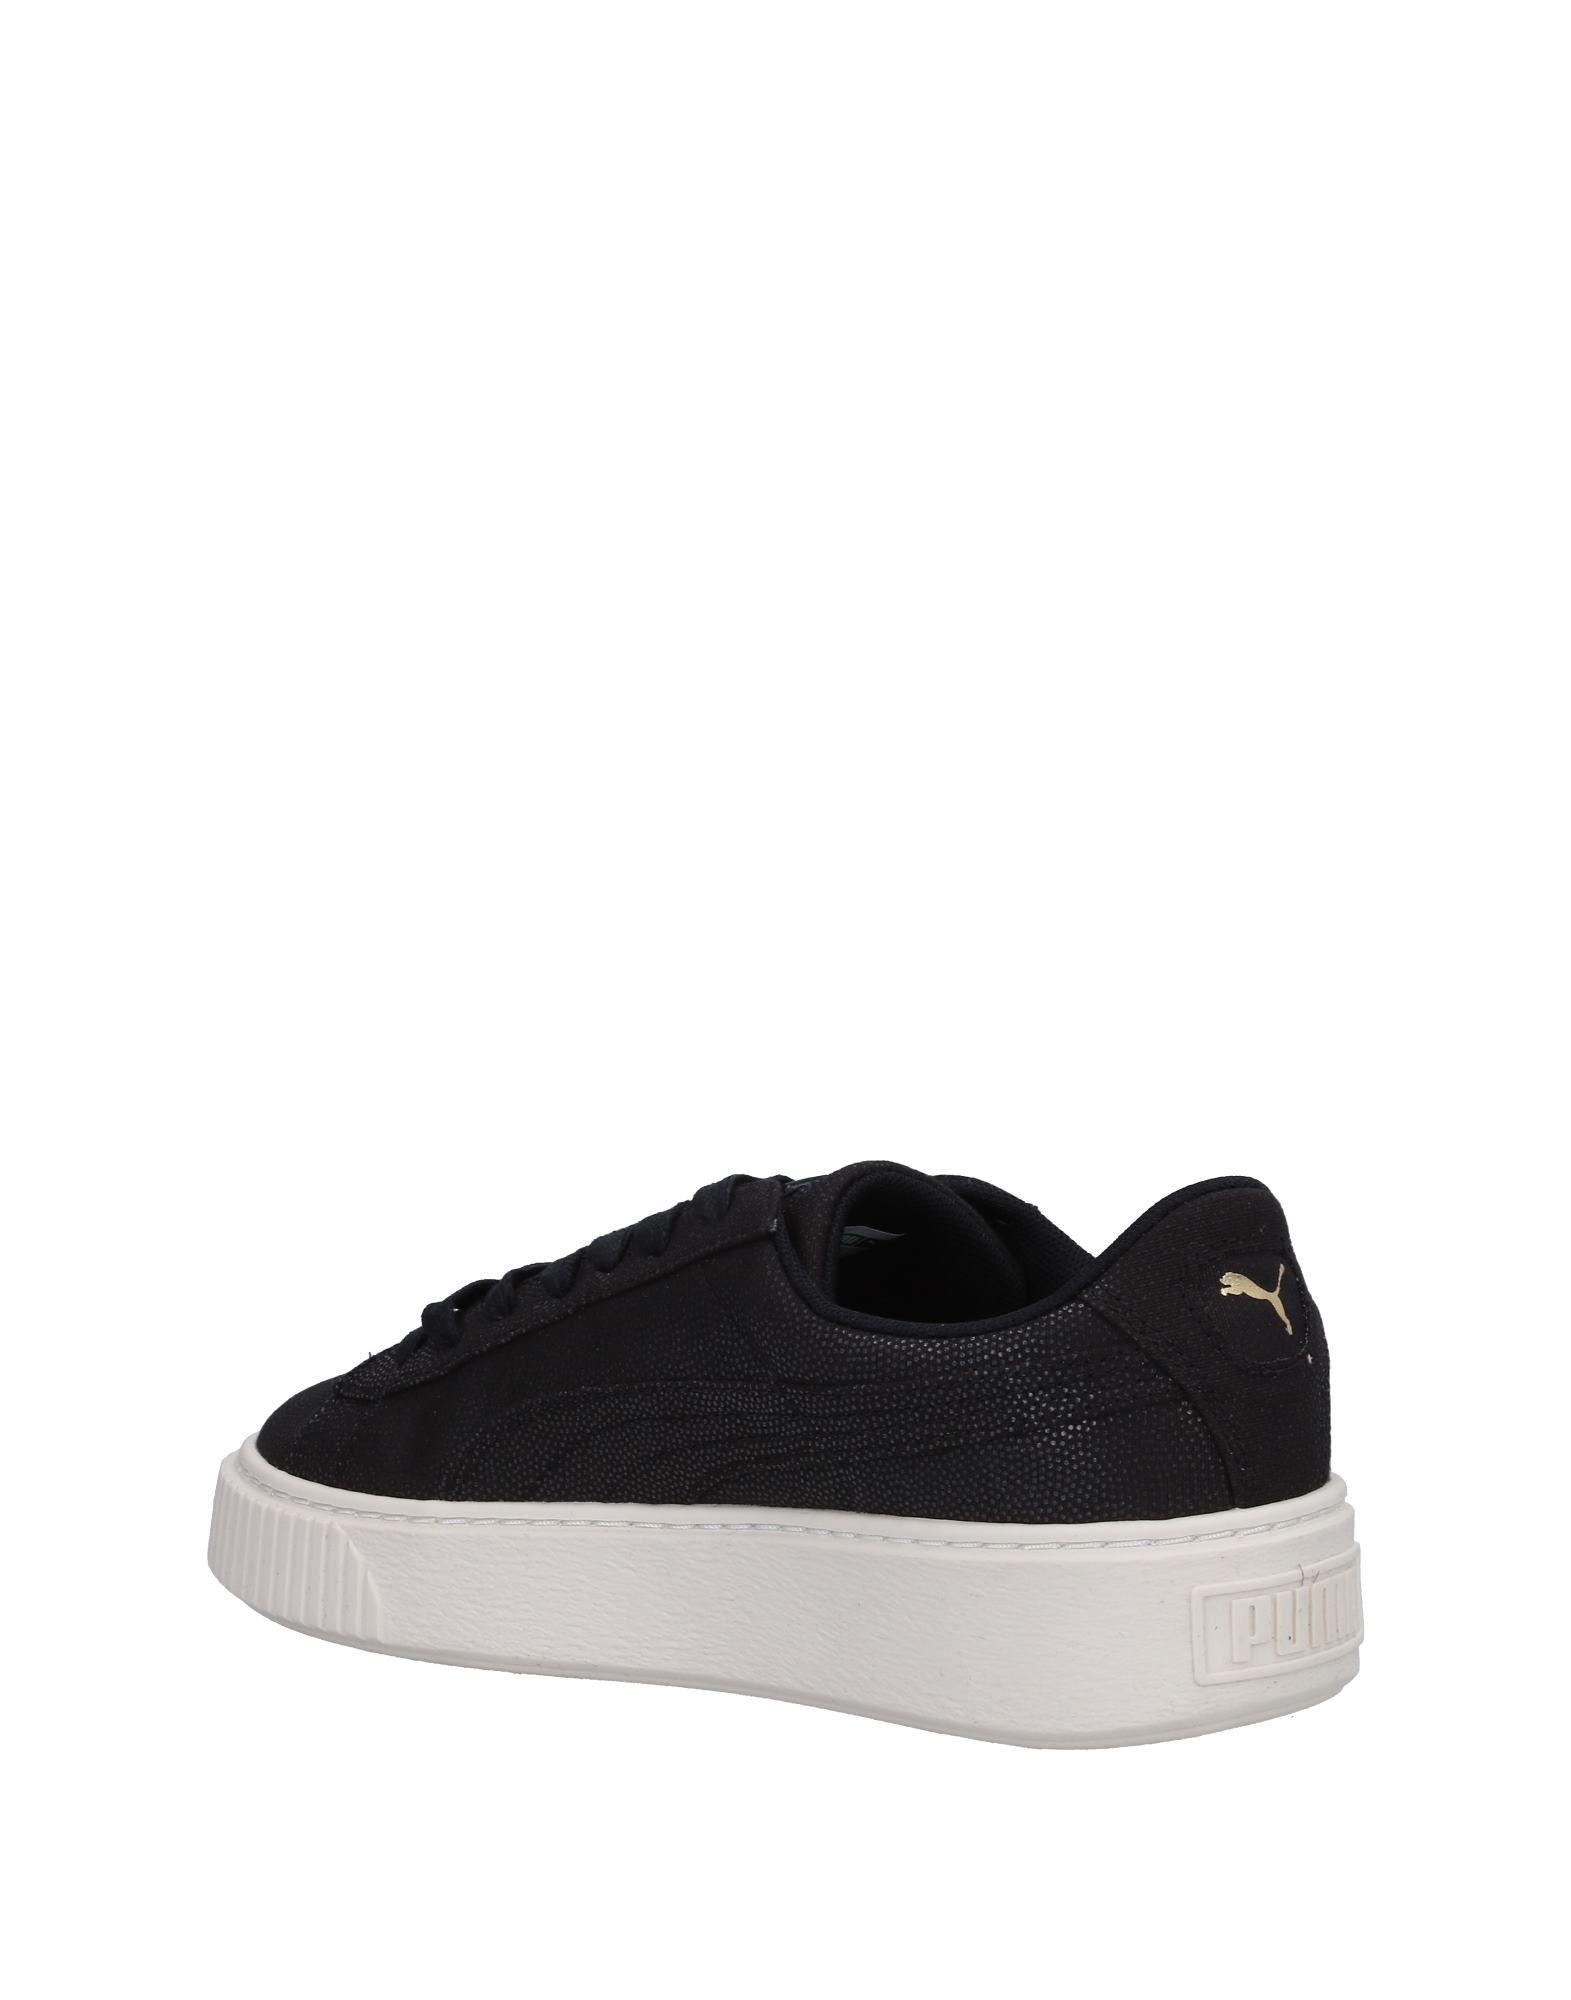 Puma Sneakers Damen    11495630TW Heiße Schuhe 228a14